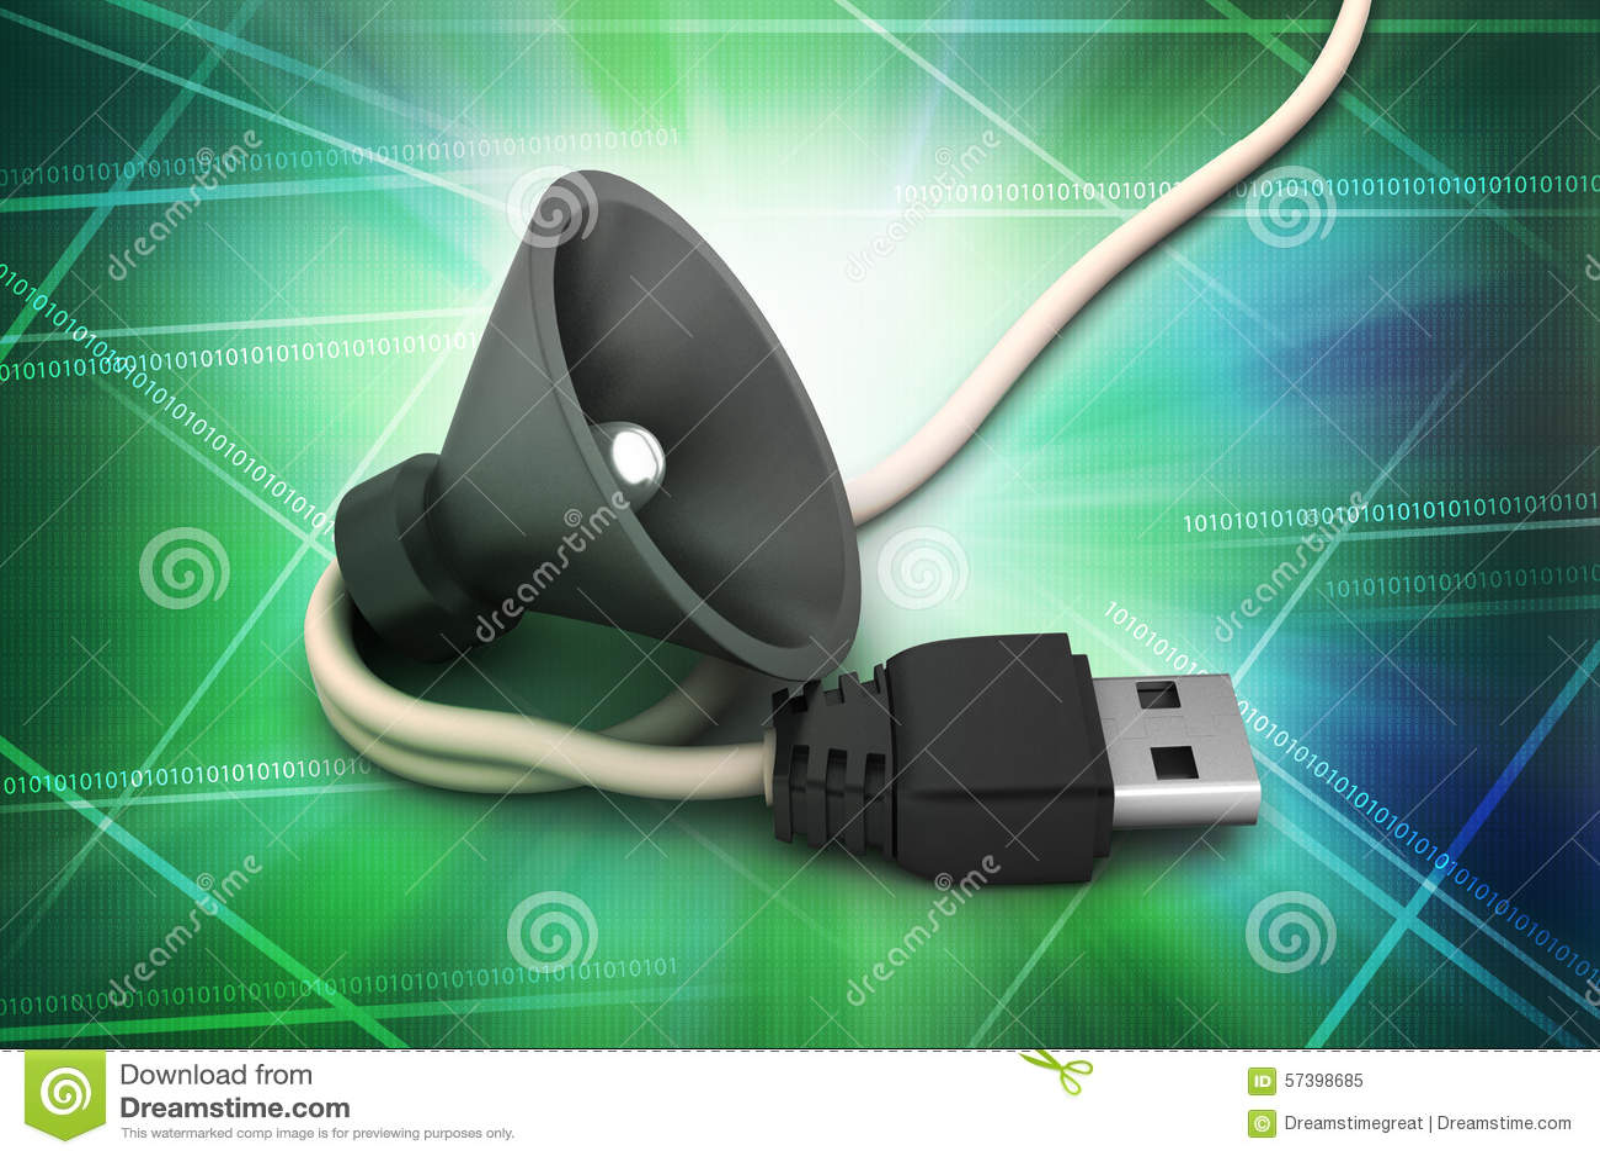 Verbindende kabel met luide spreker